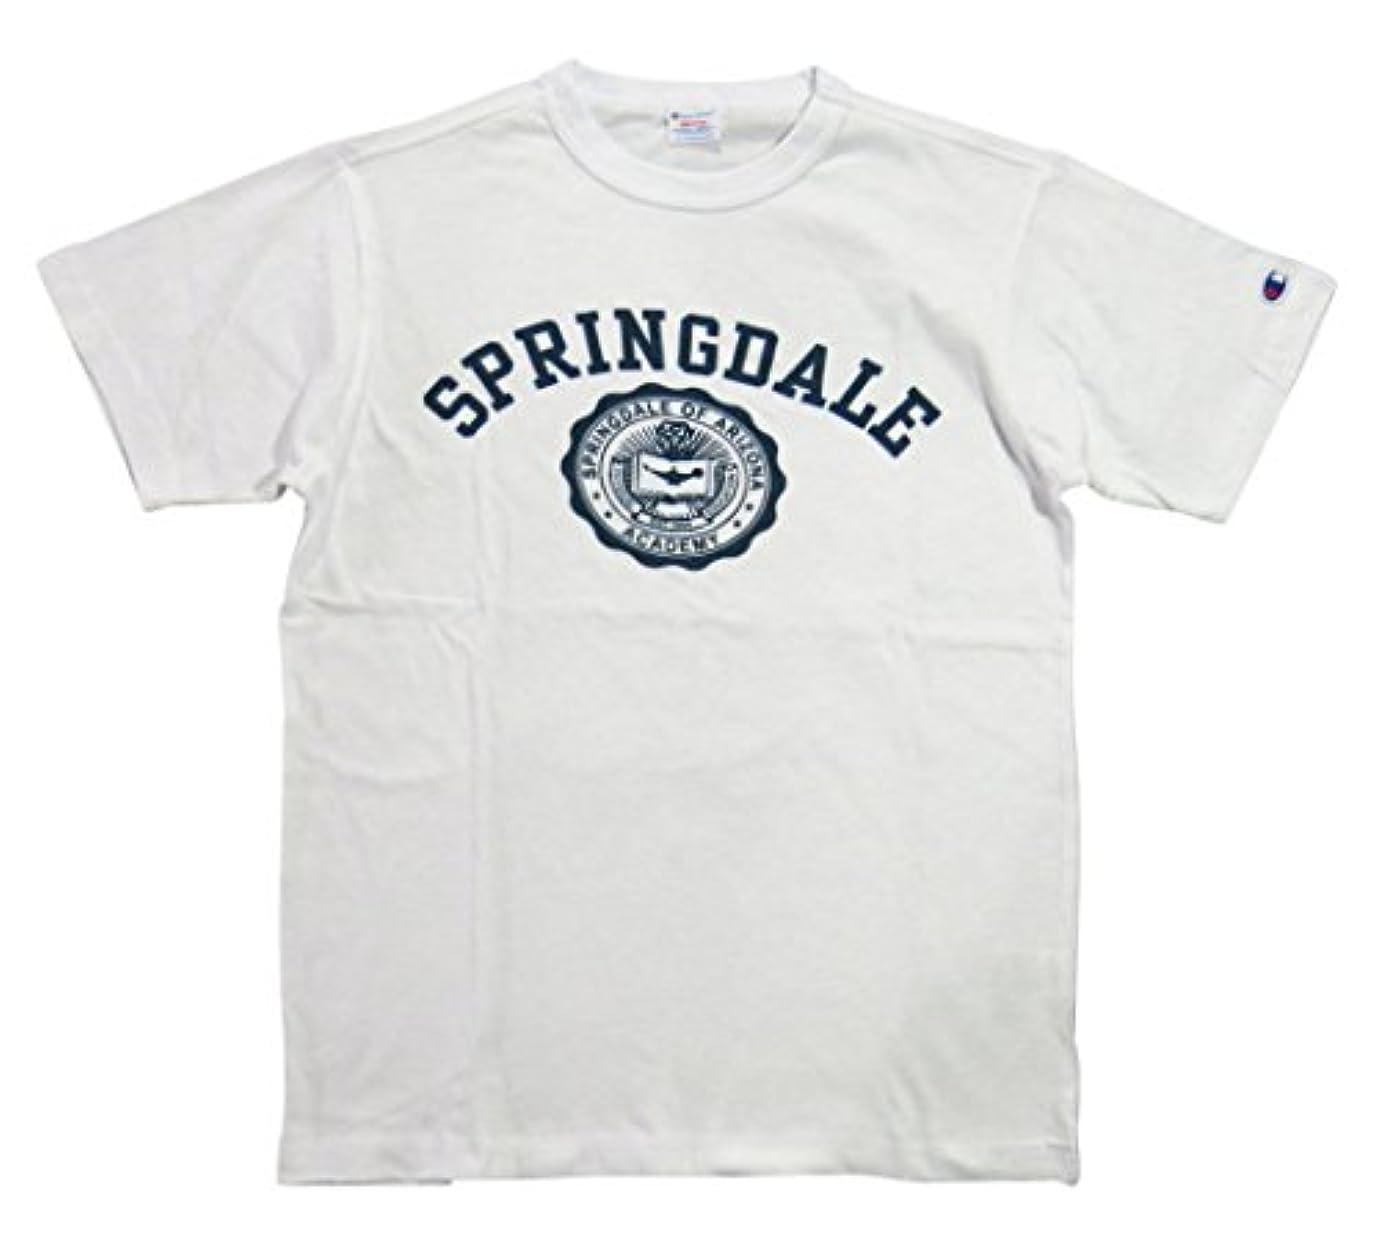 不道徳モート公園(チャンピオン)Champion トリコロールタグ カレッジプリント 半袖 Tシャツ